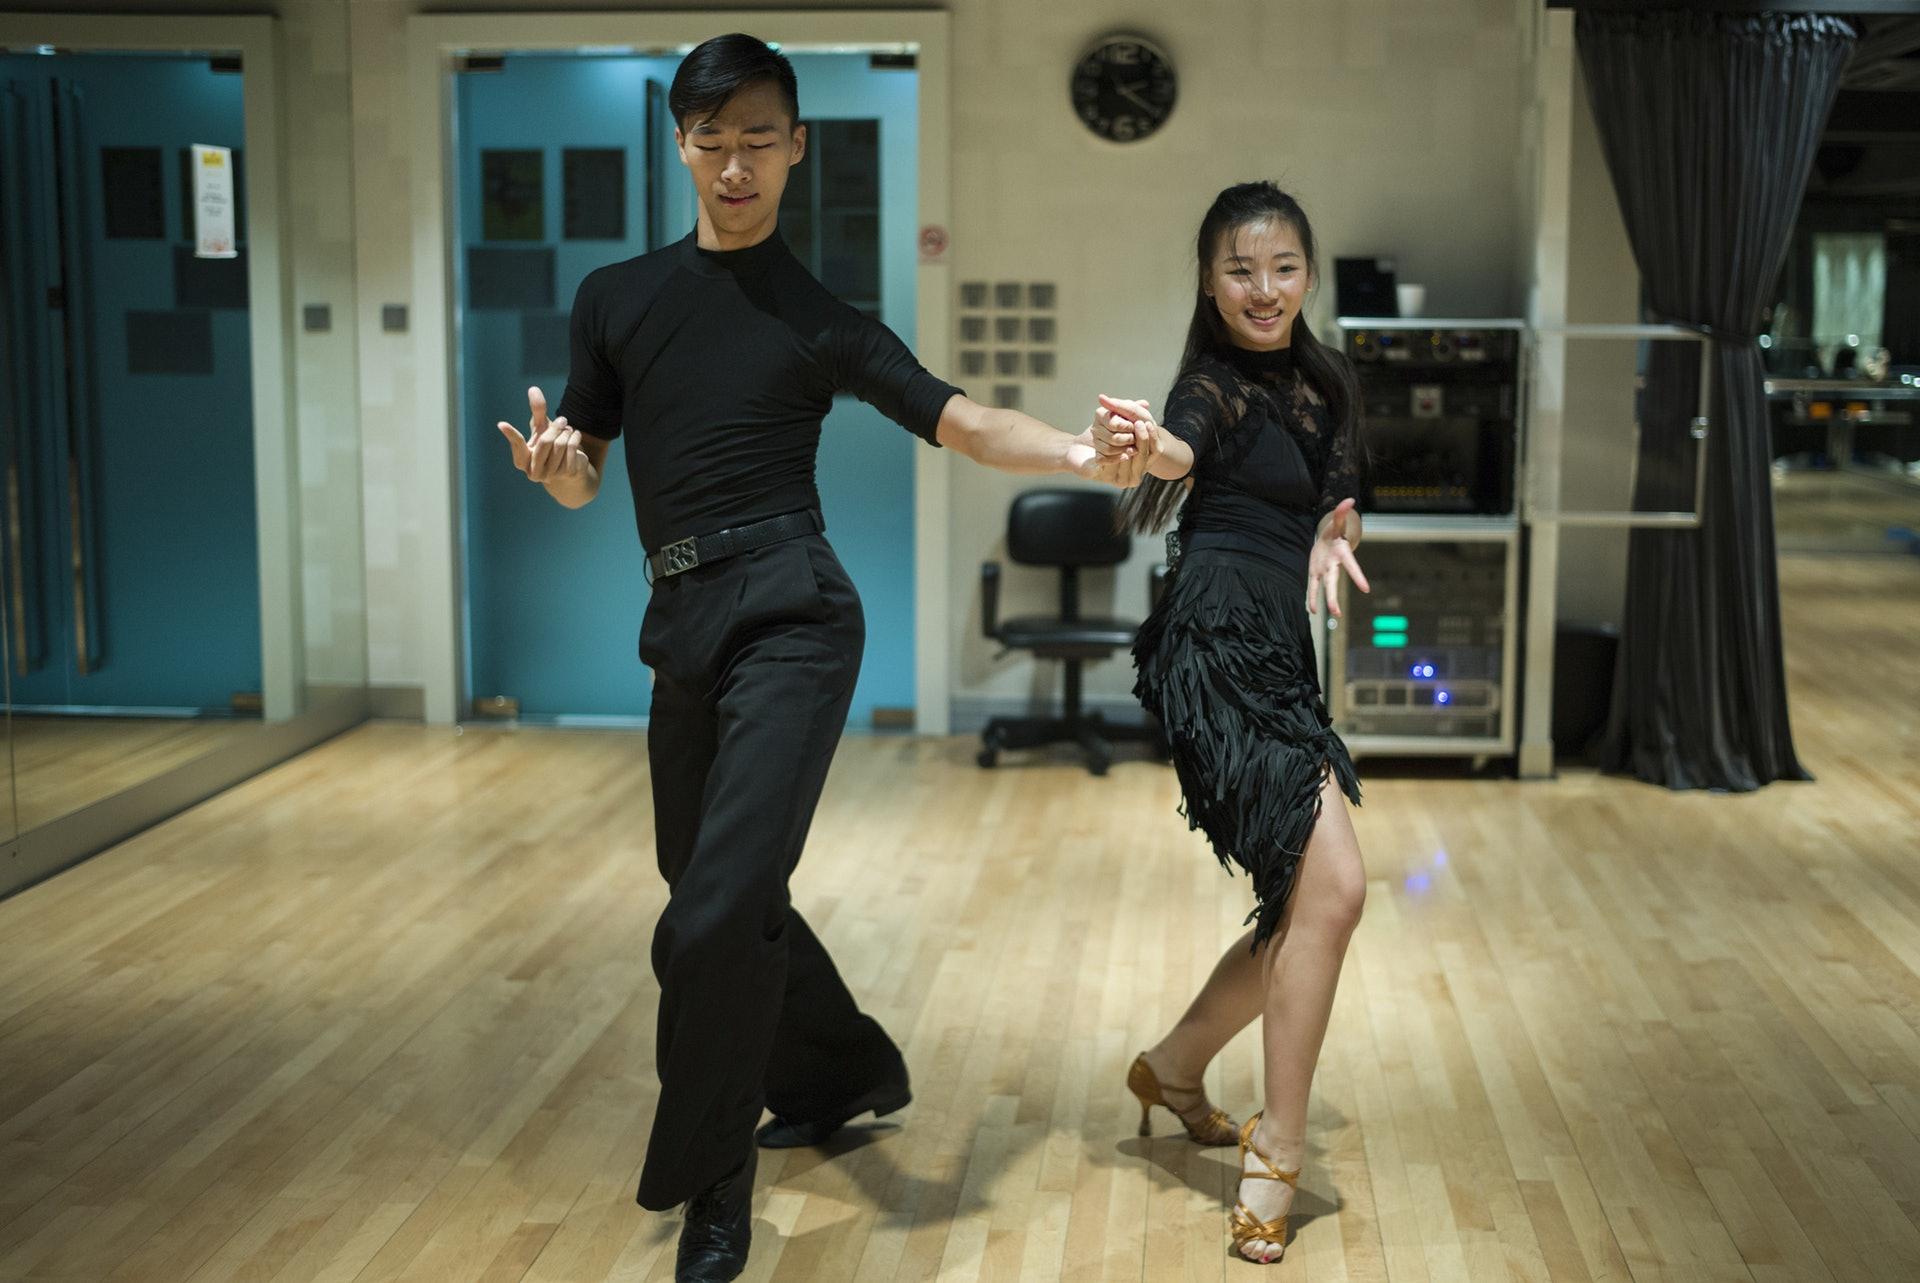 20歲的廖啟森(左)及19歲的廖雲軒(右)兩兄妹,全身投入標準舞與拉丁舞,父母賣樓作為子女學舞儲備,更年花百萬供他們學舞。